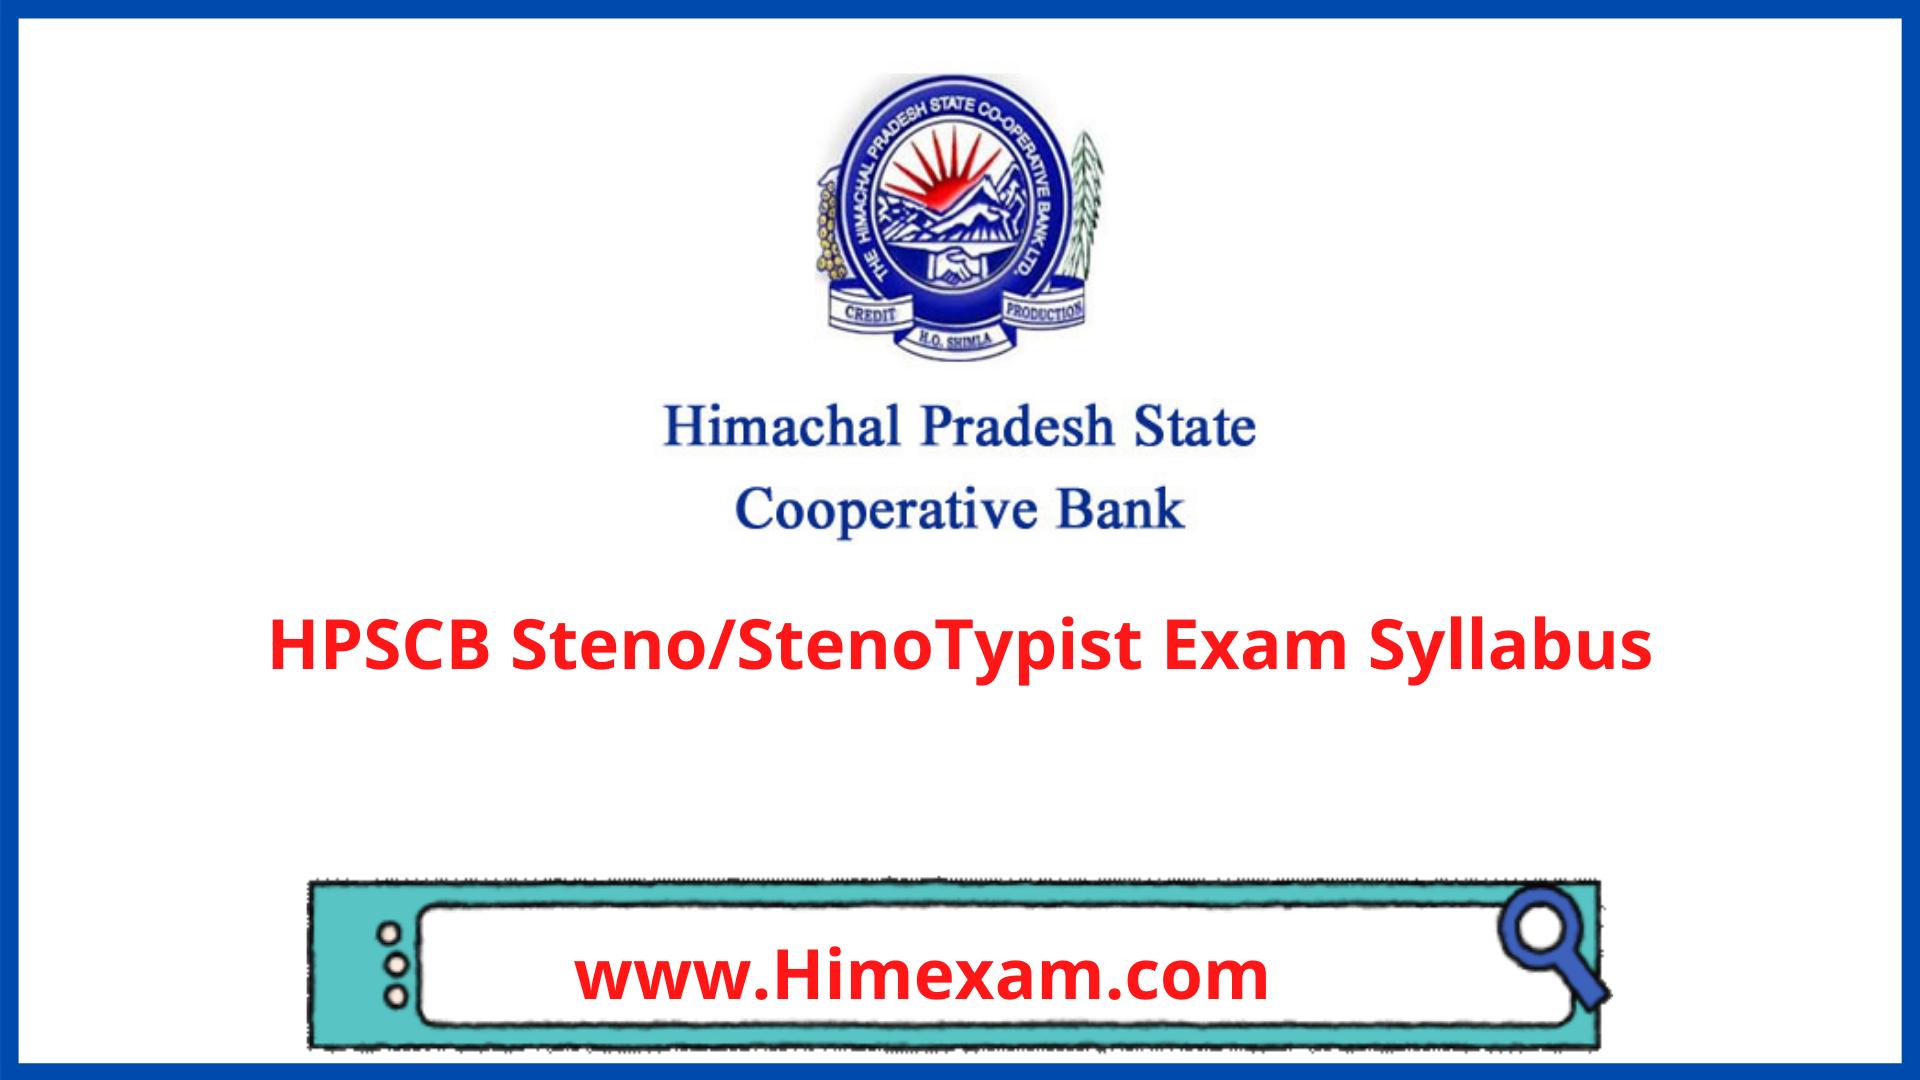 HPSCB Steno/StenoTypist Exam Syllabus